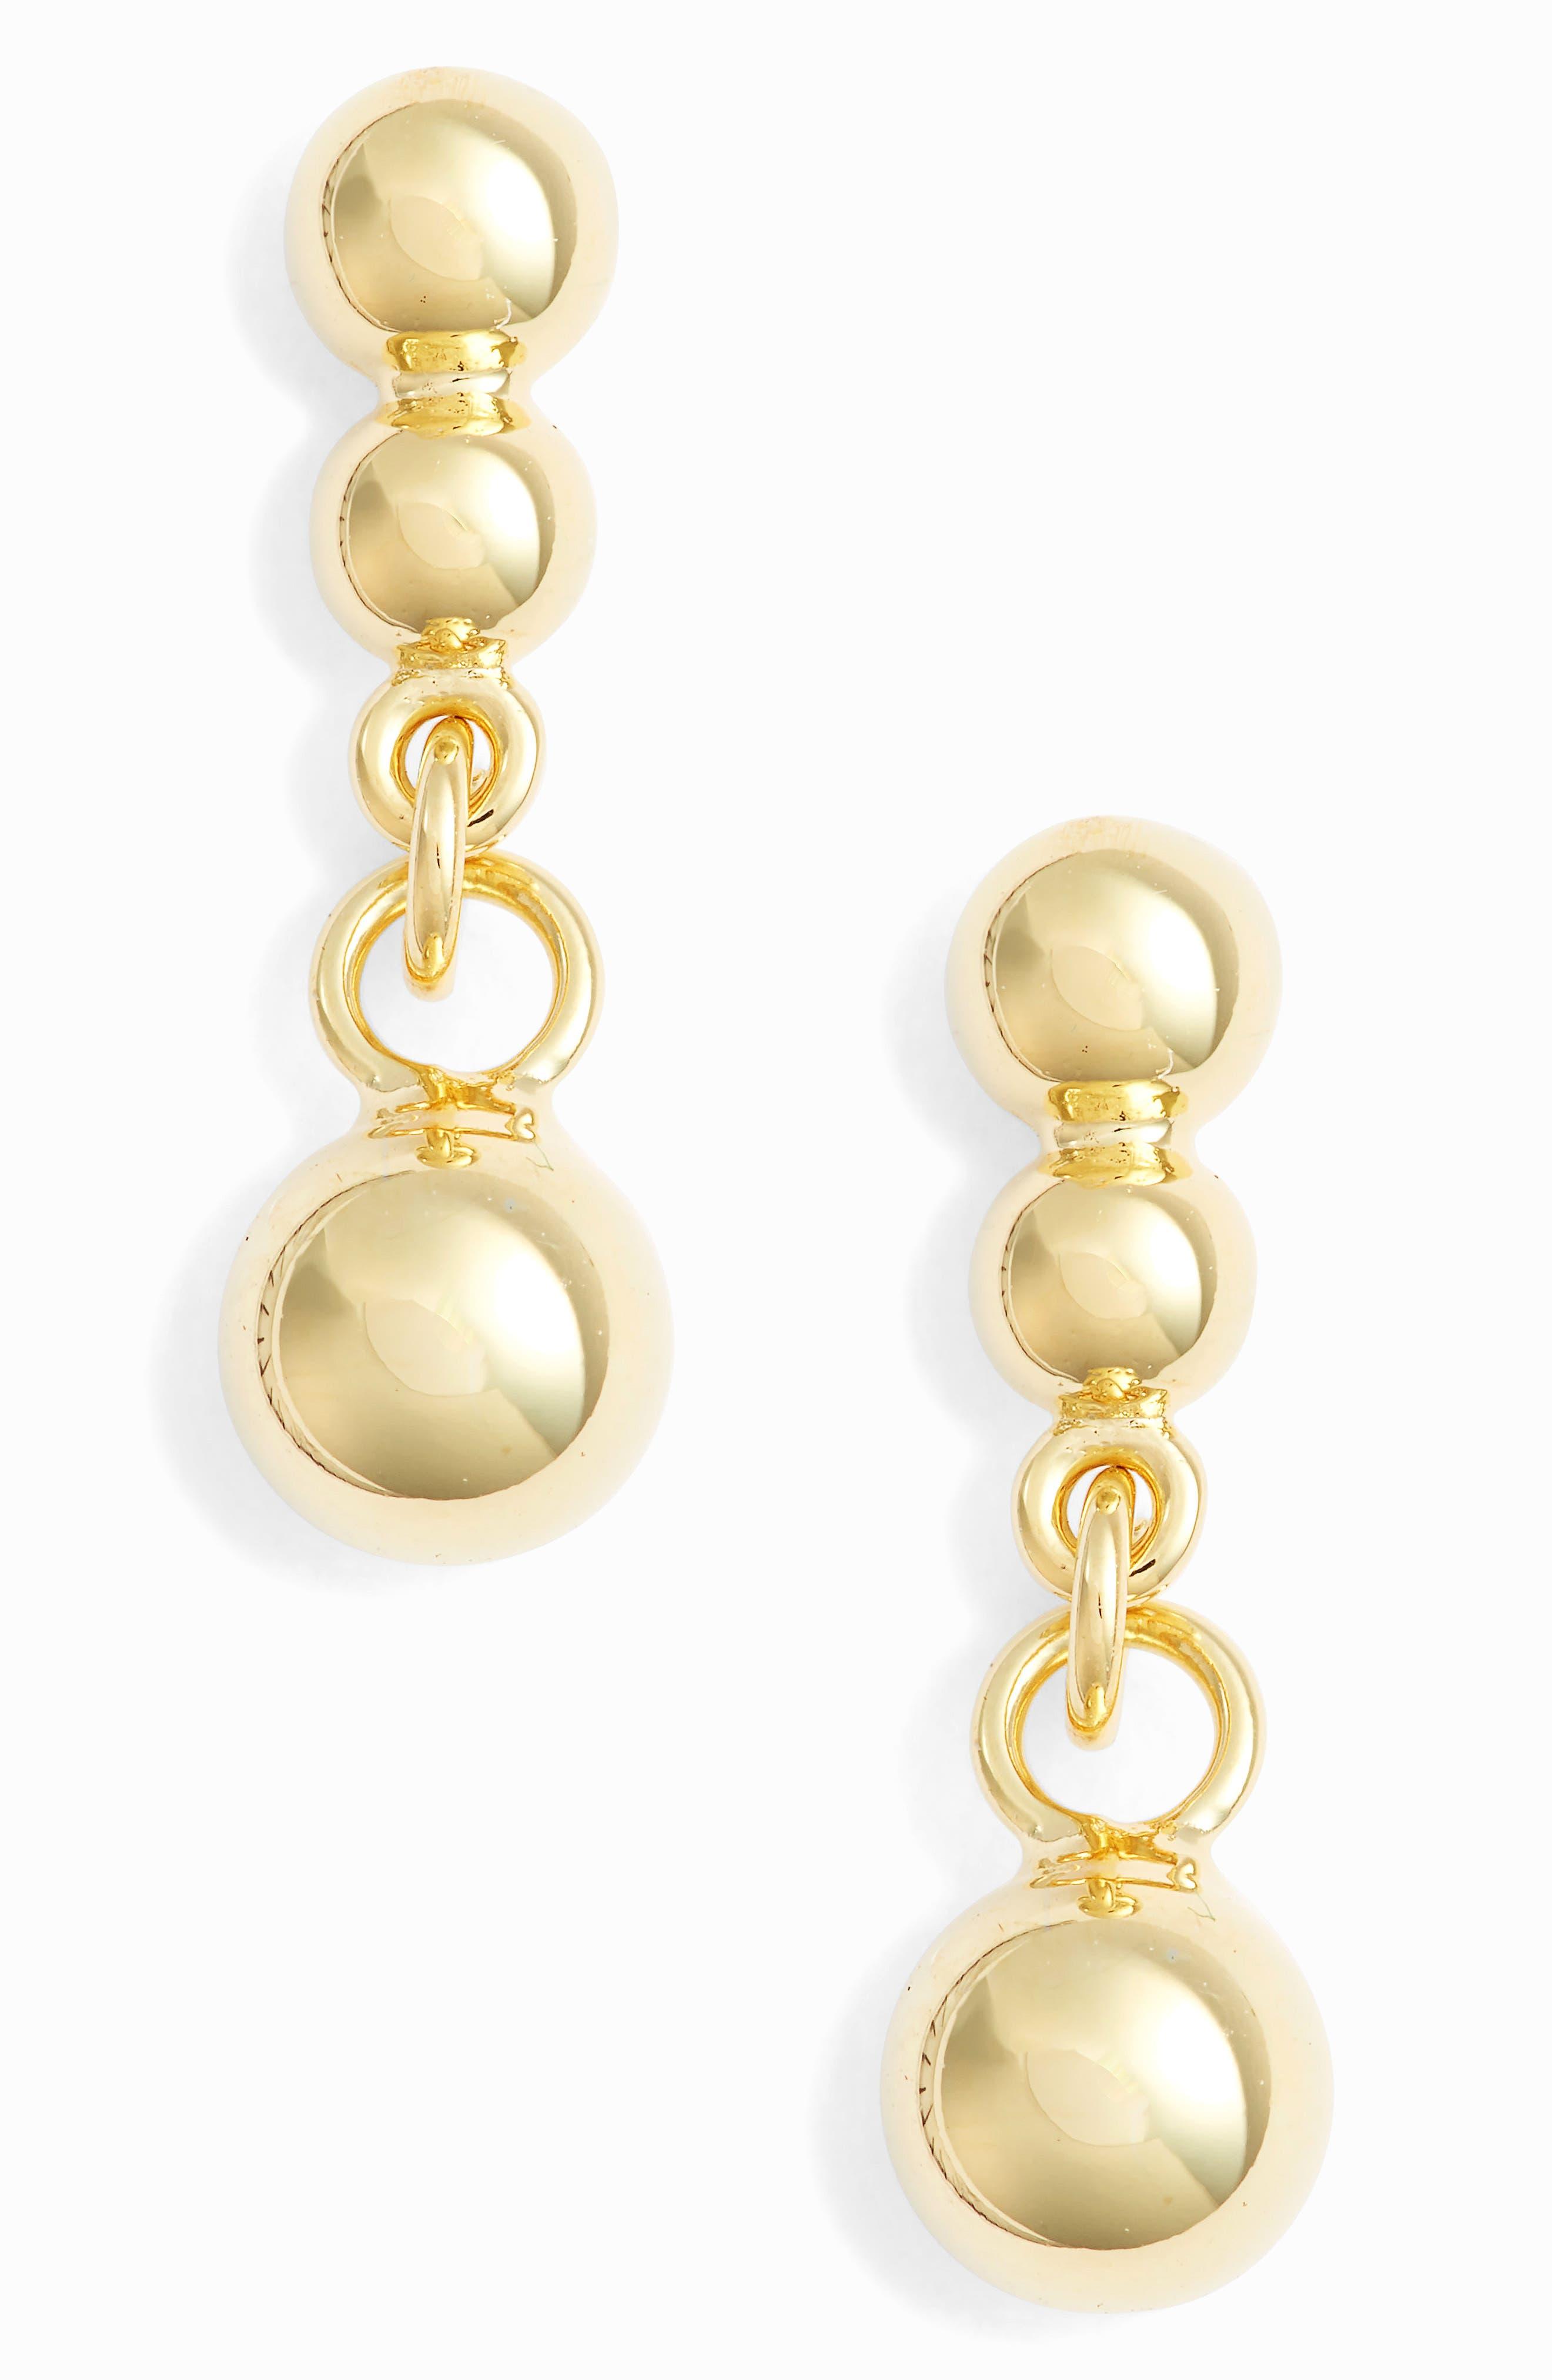 Small Beaded Drop Earrings,                             Main thumbnail 1, color,                             GOLD